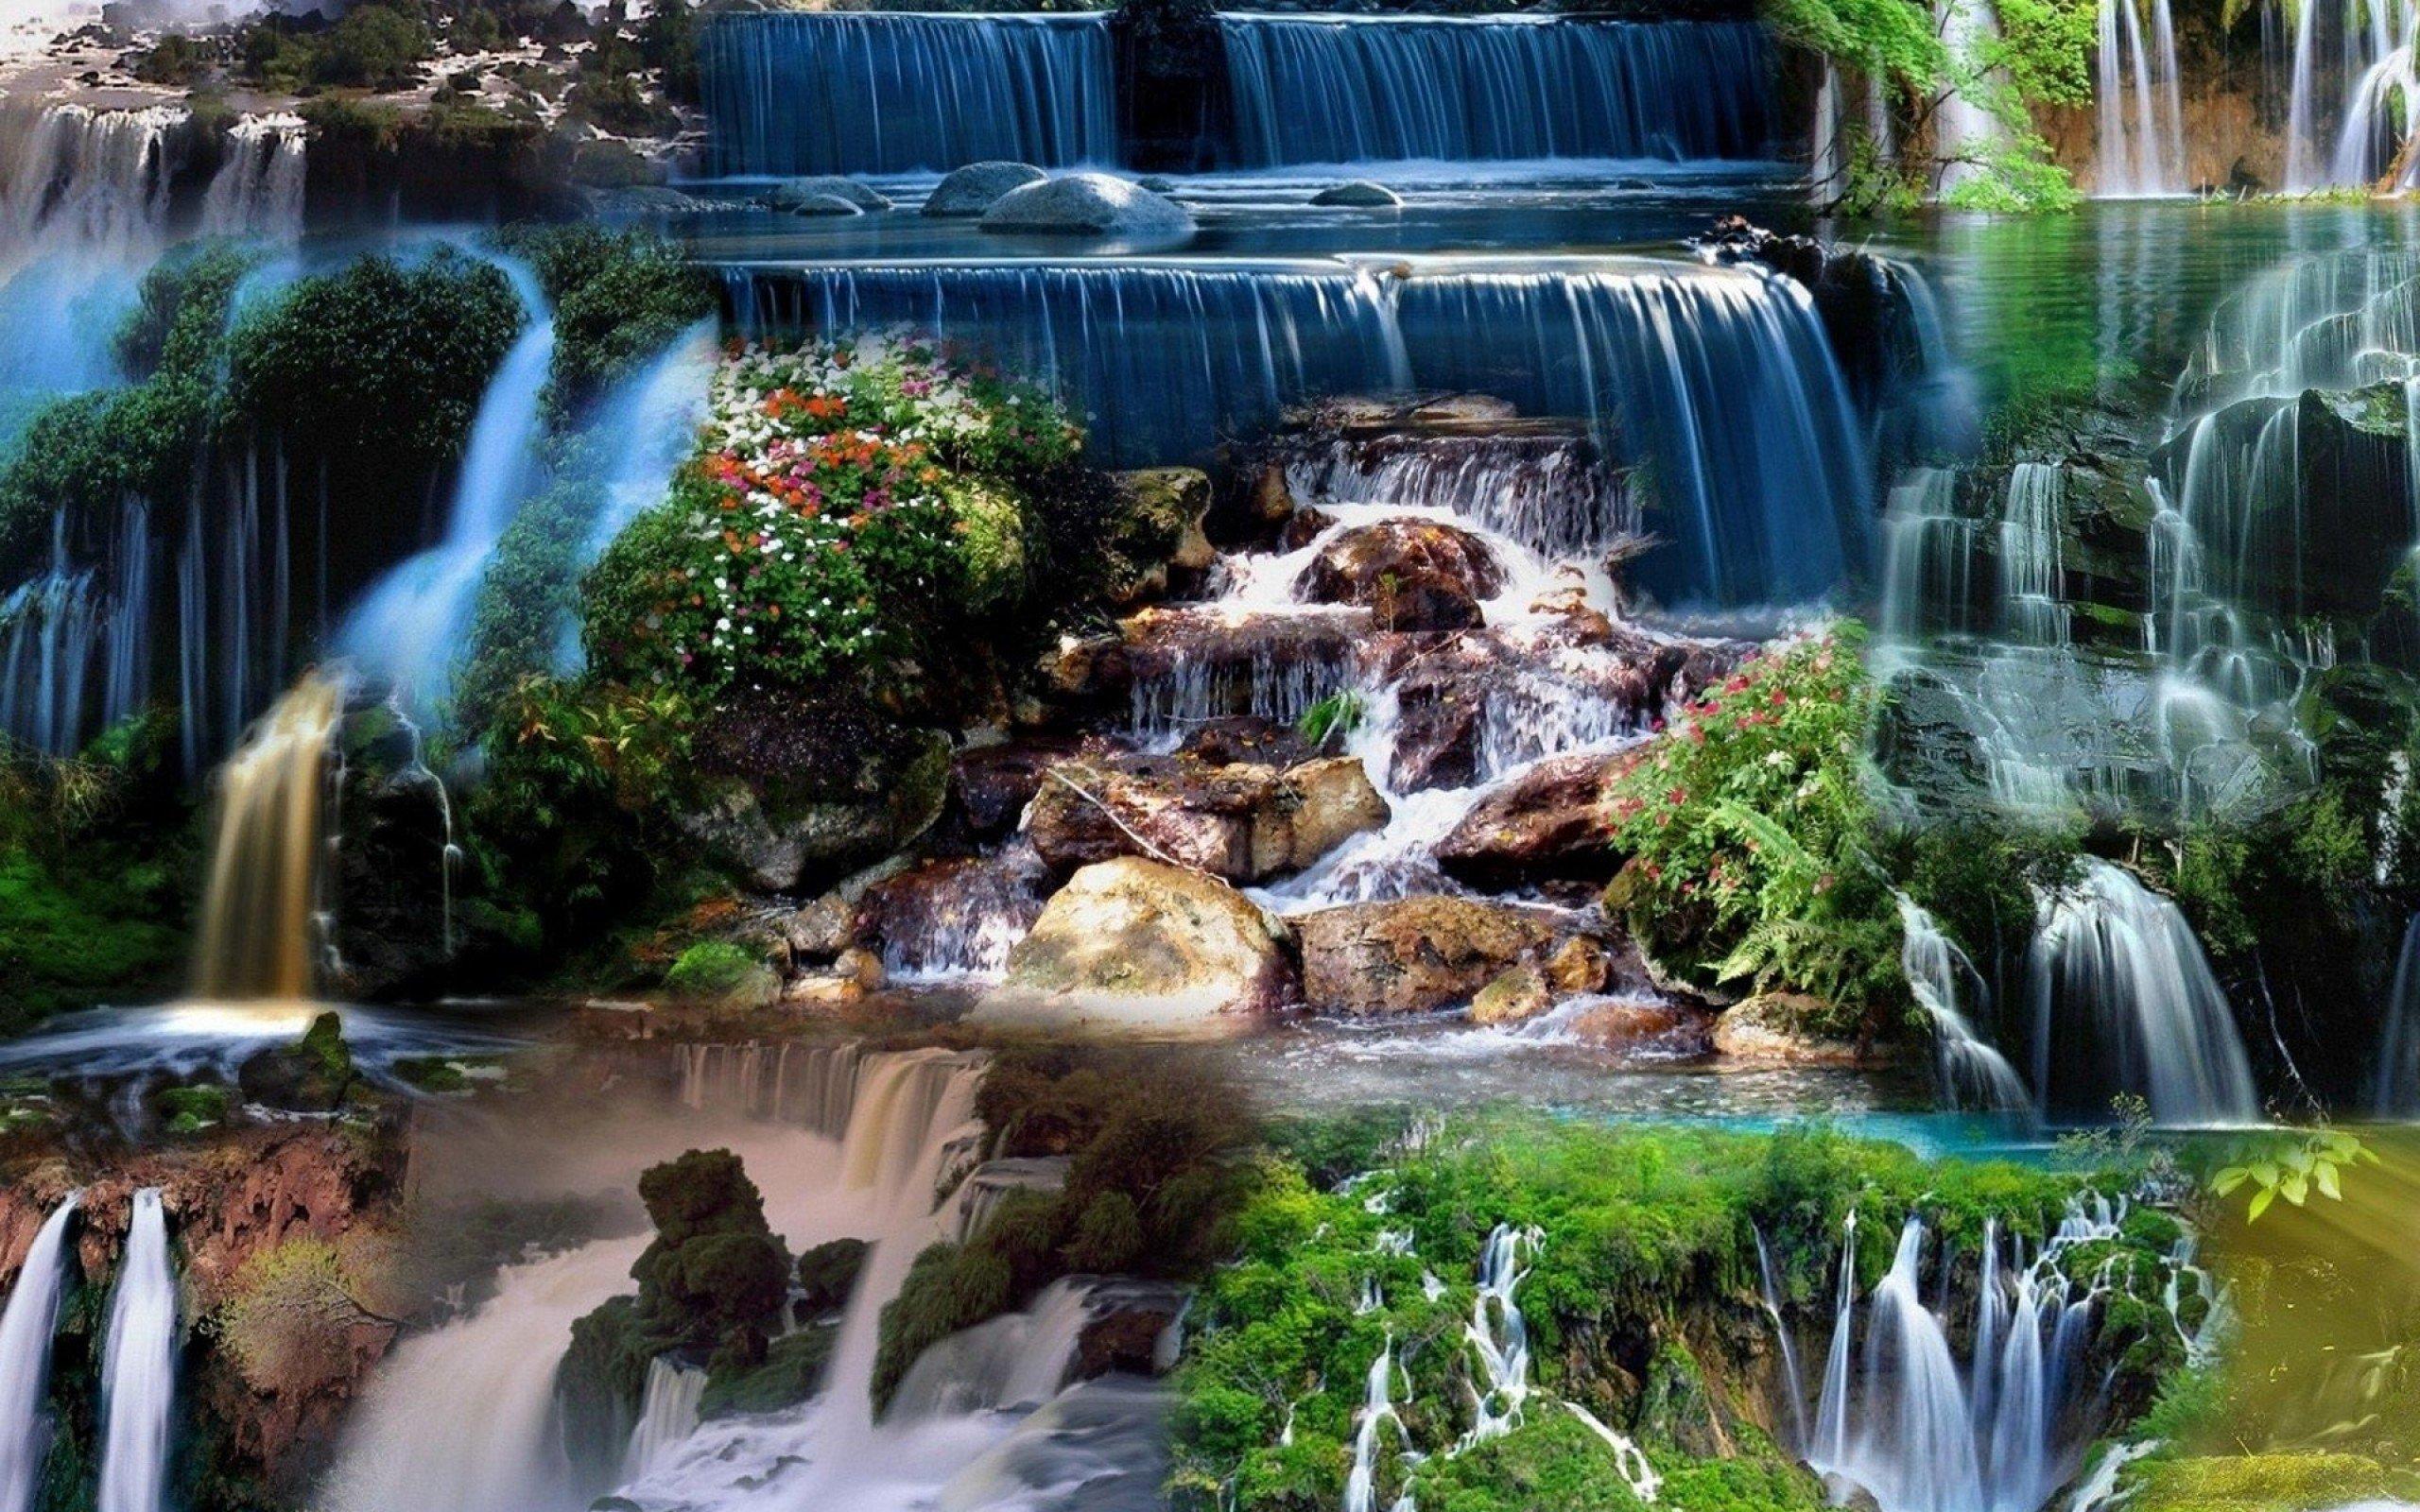 Фото водопадов в хорошем качестве можно